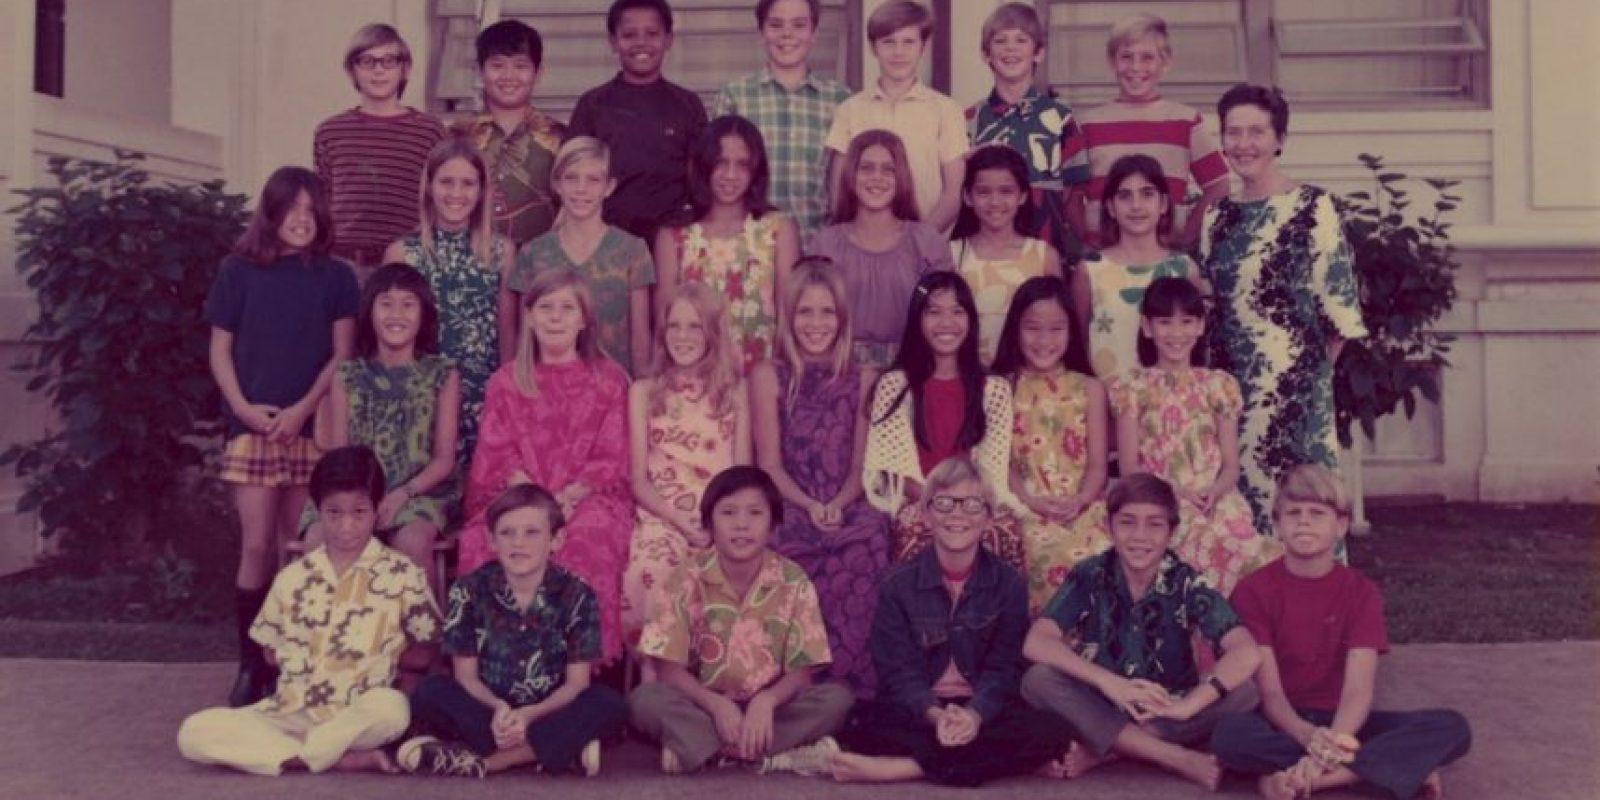 El tuit en recuerdo de su maestra Foto:Twitter.com/Potus. Imagen Por: